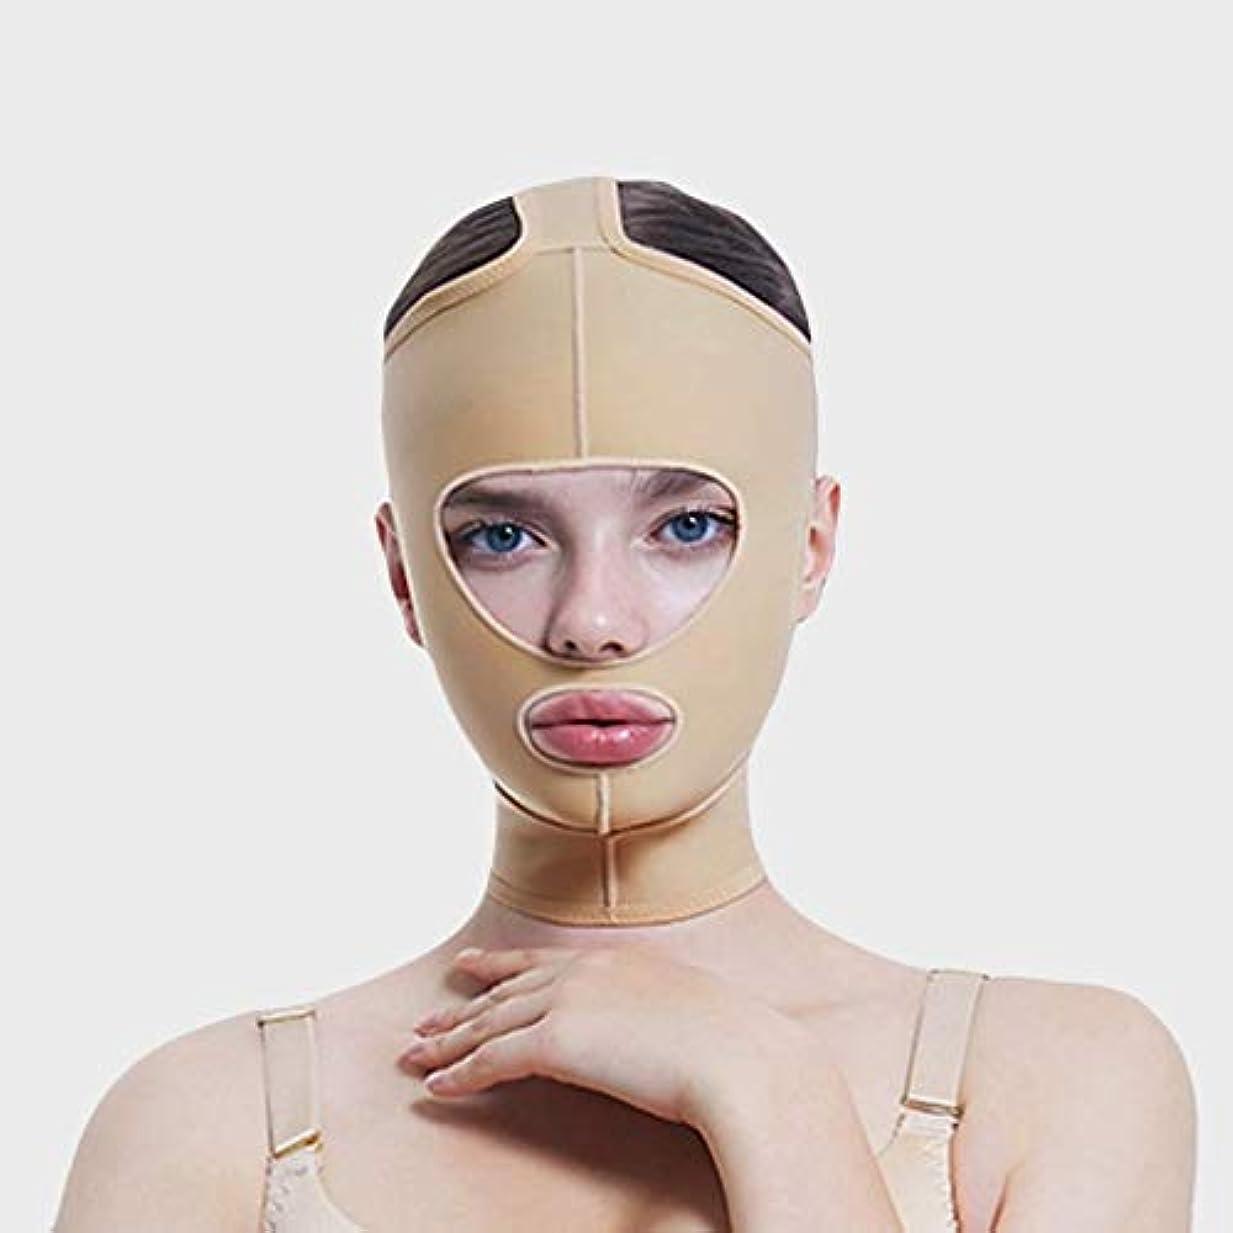 息苦しいジョグ柔らかさチークチンリフト、フェイスバンド、フェイスリフトベルト、通気性包帯、チンリフトベルト、フェイシャルライン、フルフェイスマスク(サイズ:XS),XL